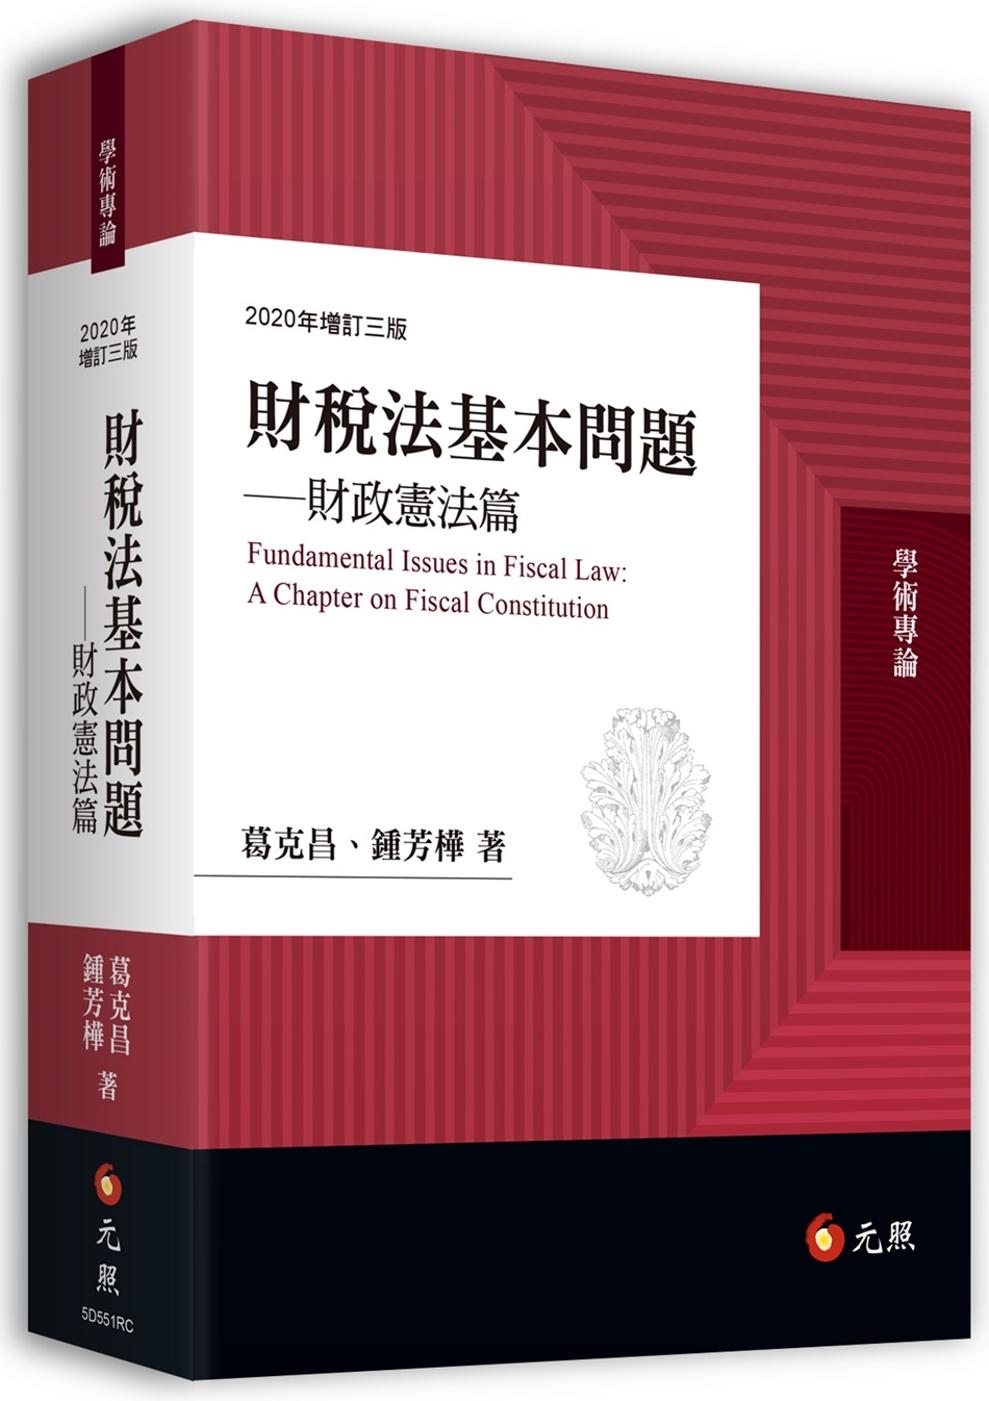 財稅法基本問題:財政憲法篇(三版)